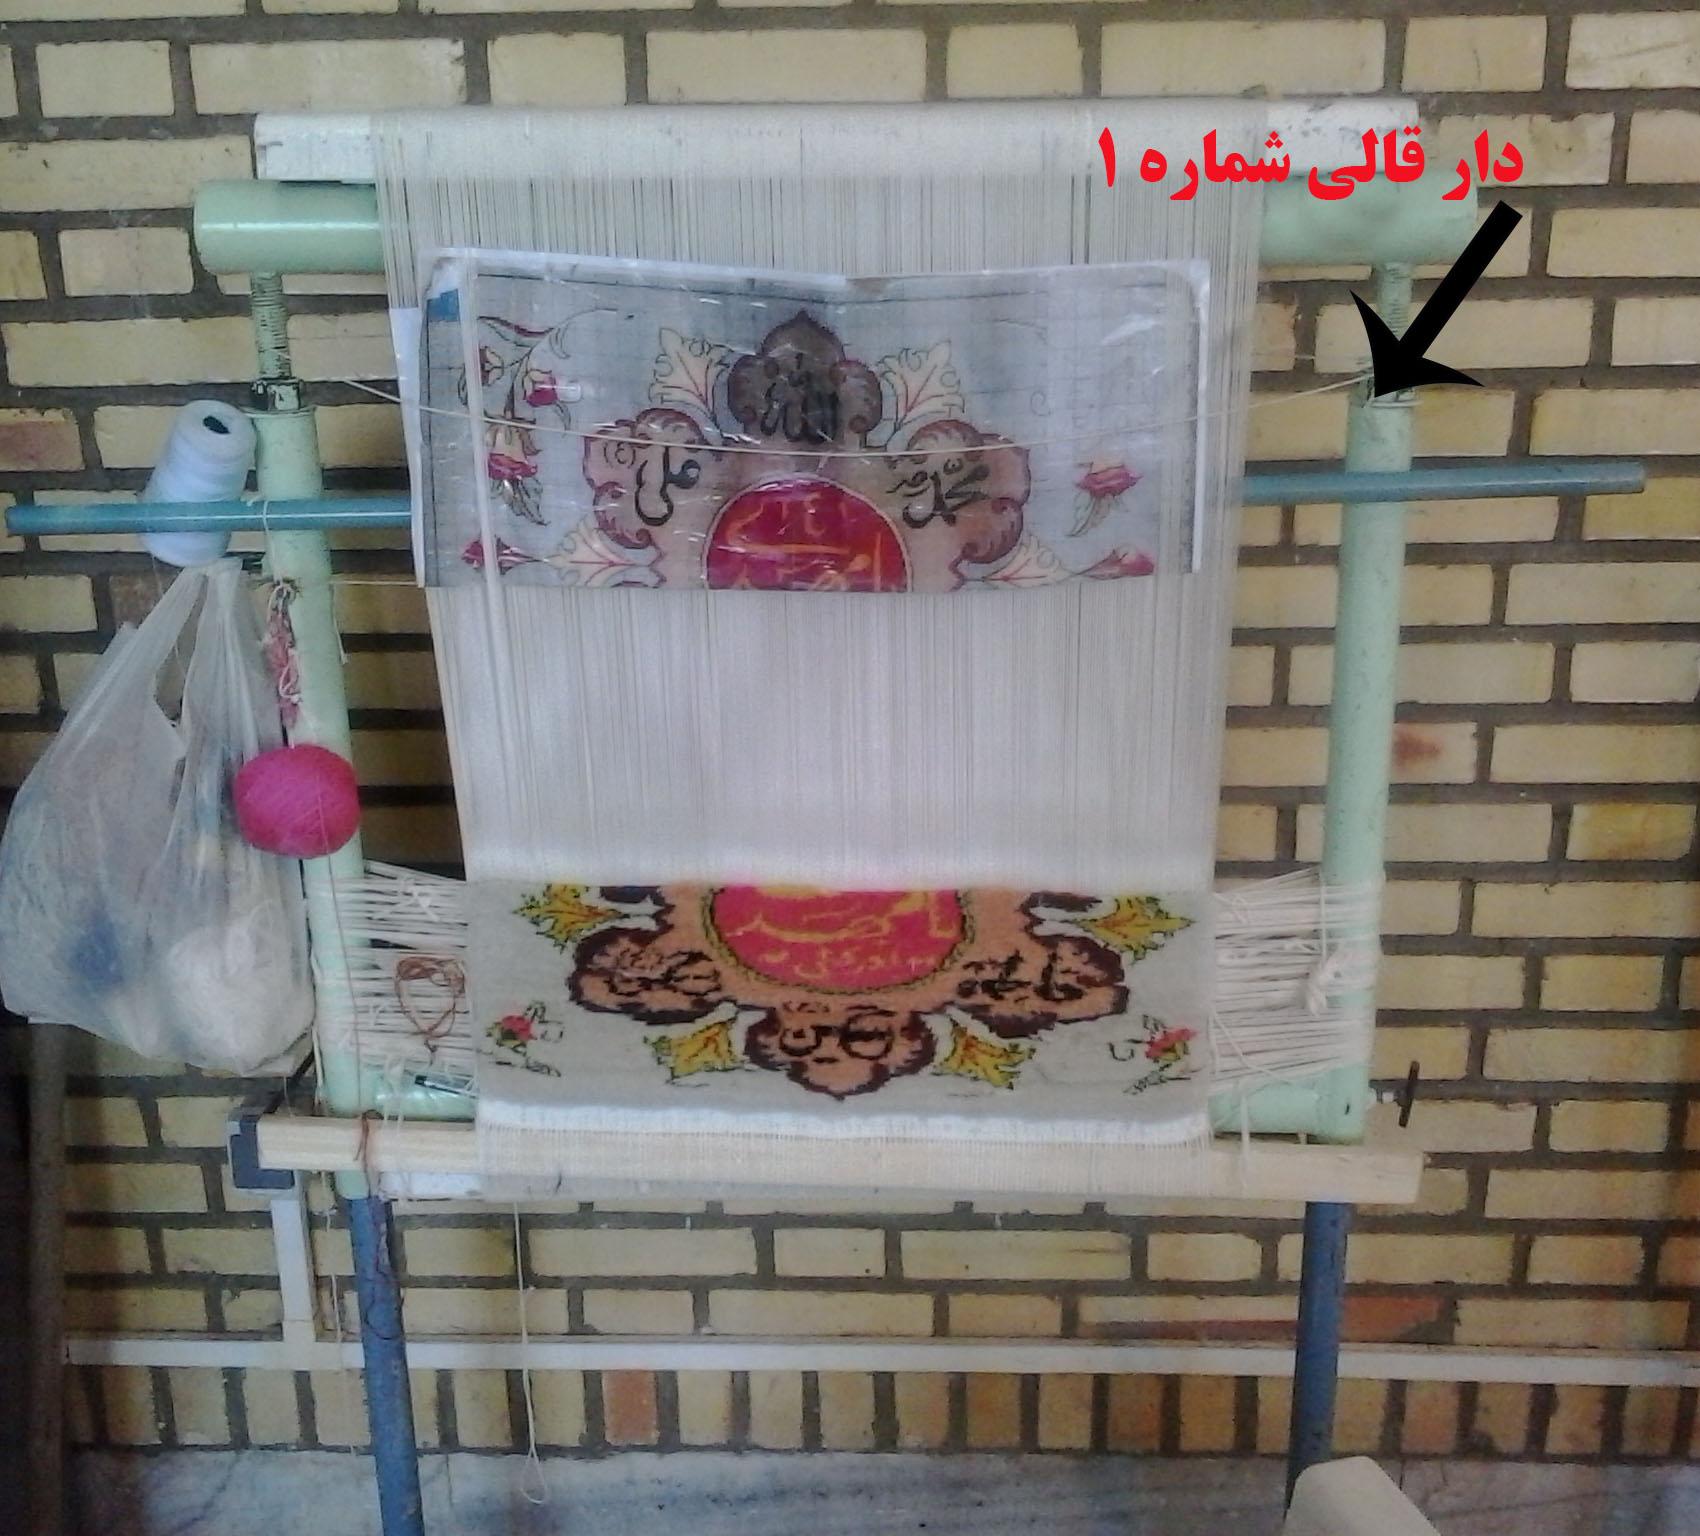 فروش بسته ویژه پکیج کامل شروع قالی بافی شامل تمامی ابزارهای بافت قالی،دار قالی بافی و دی وی دی آموزشی